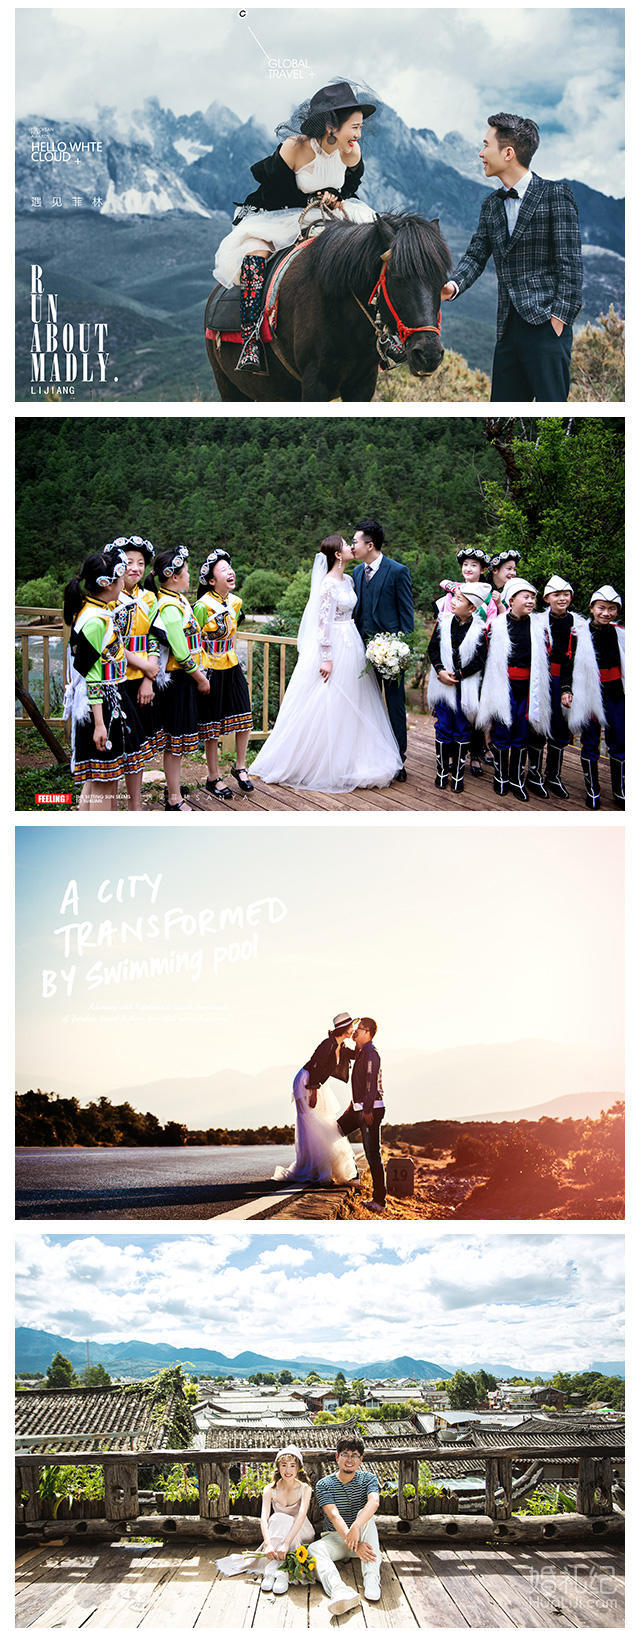 丽江旅拍/先拍照后付款+婚纱+接机住宿+全国包邮